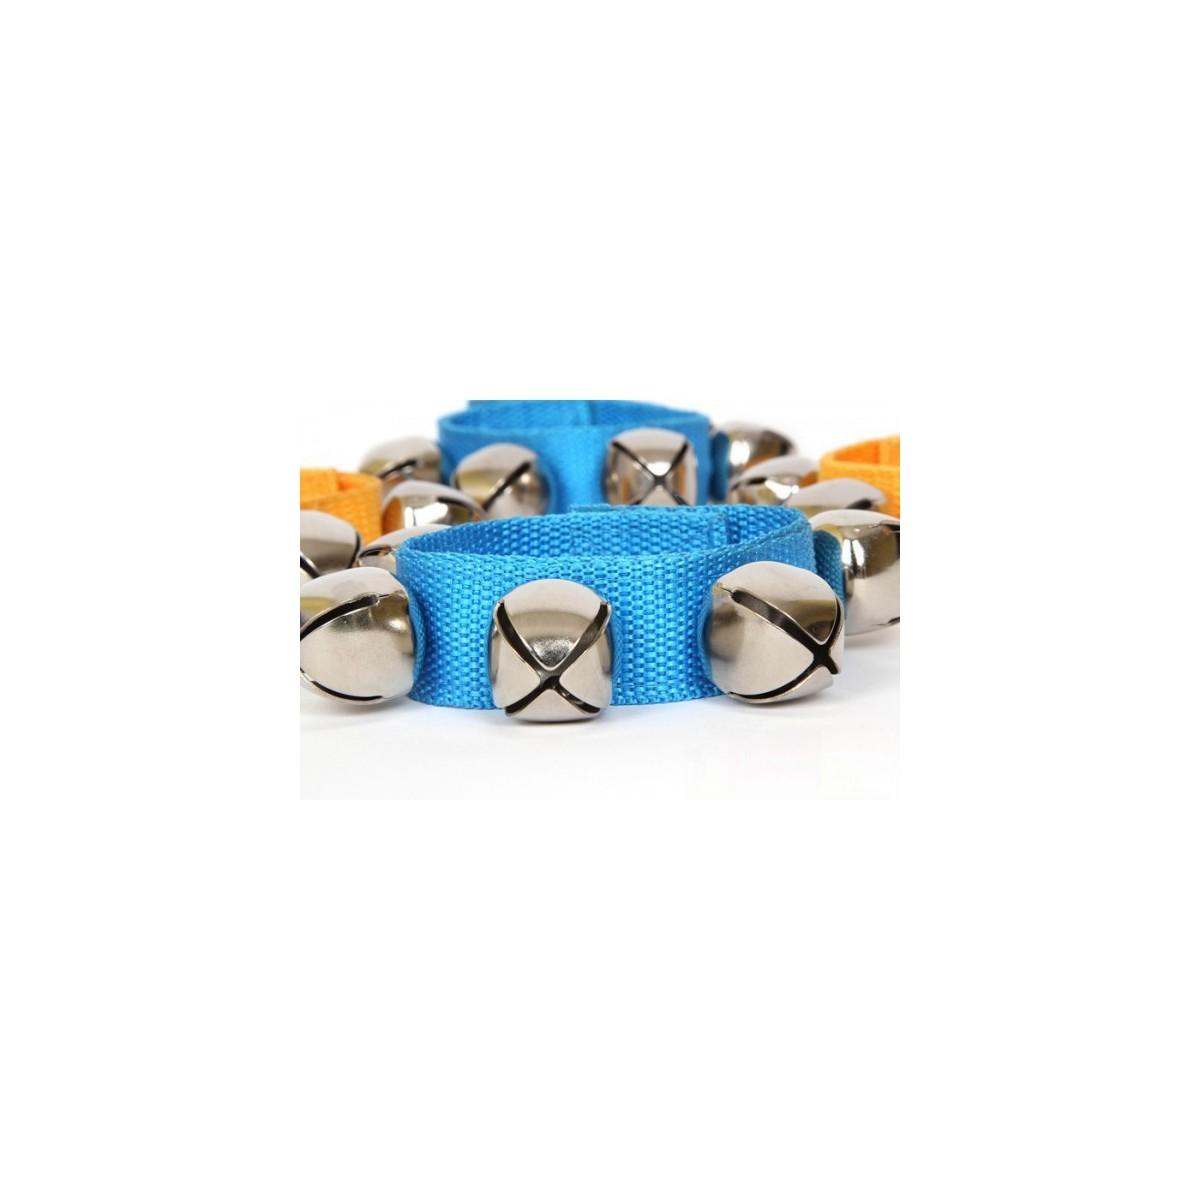 Glockenrassel für Hand oder Fußgelenk